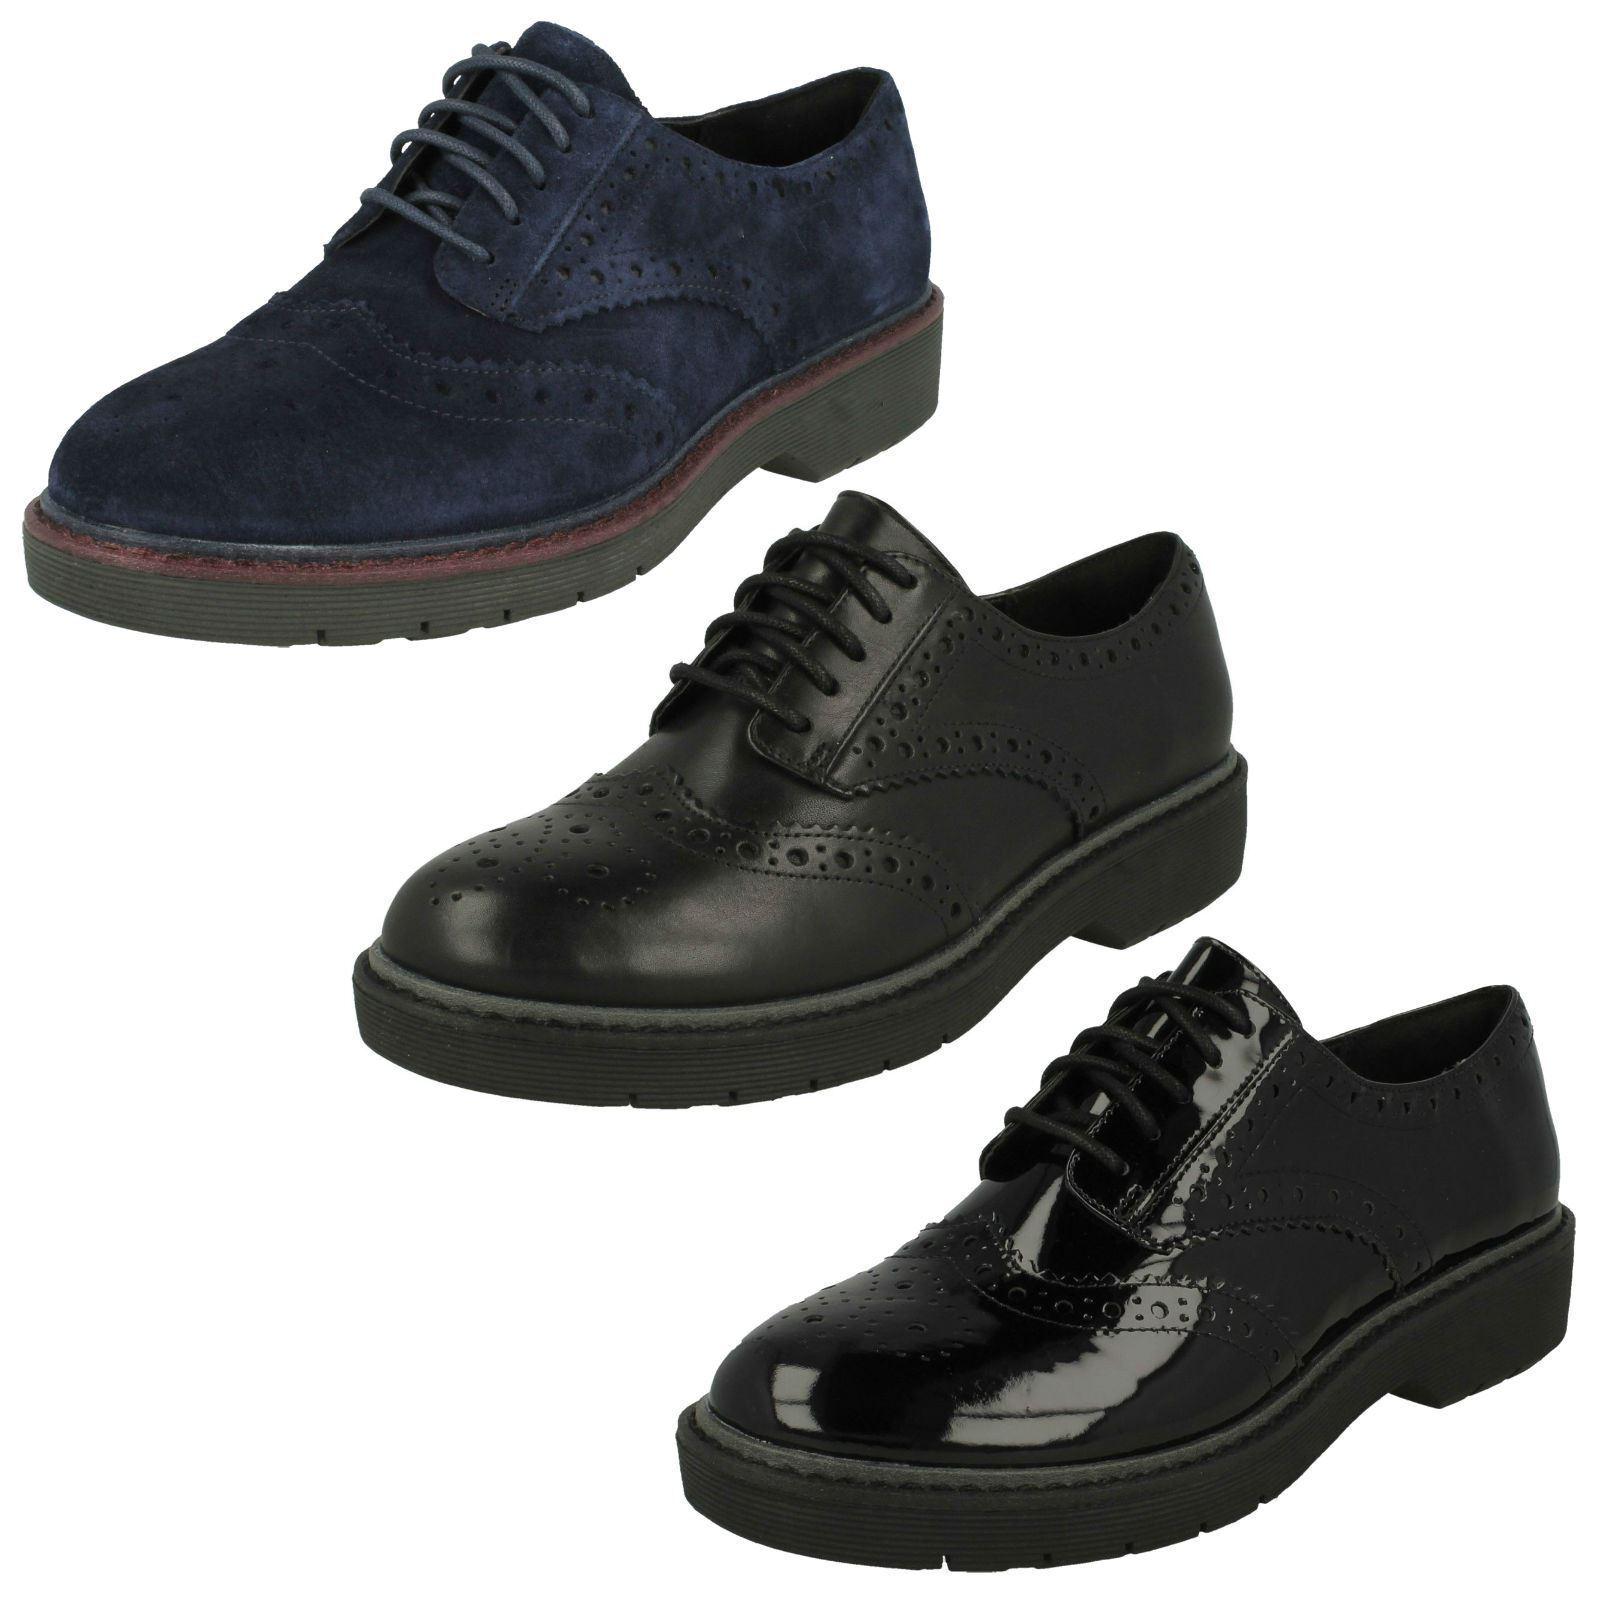 Casual salvaje Descuento por tiempo limitado Ladies Clarks Lace Up Casual Shoes 'Alexa Darcy'